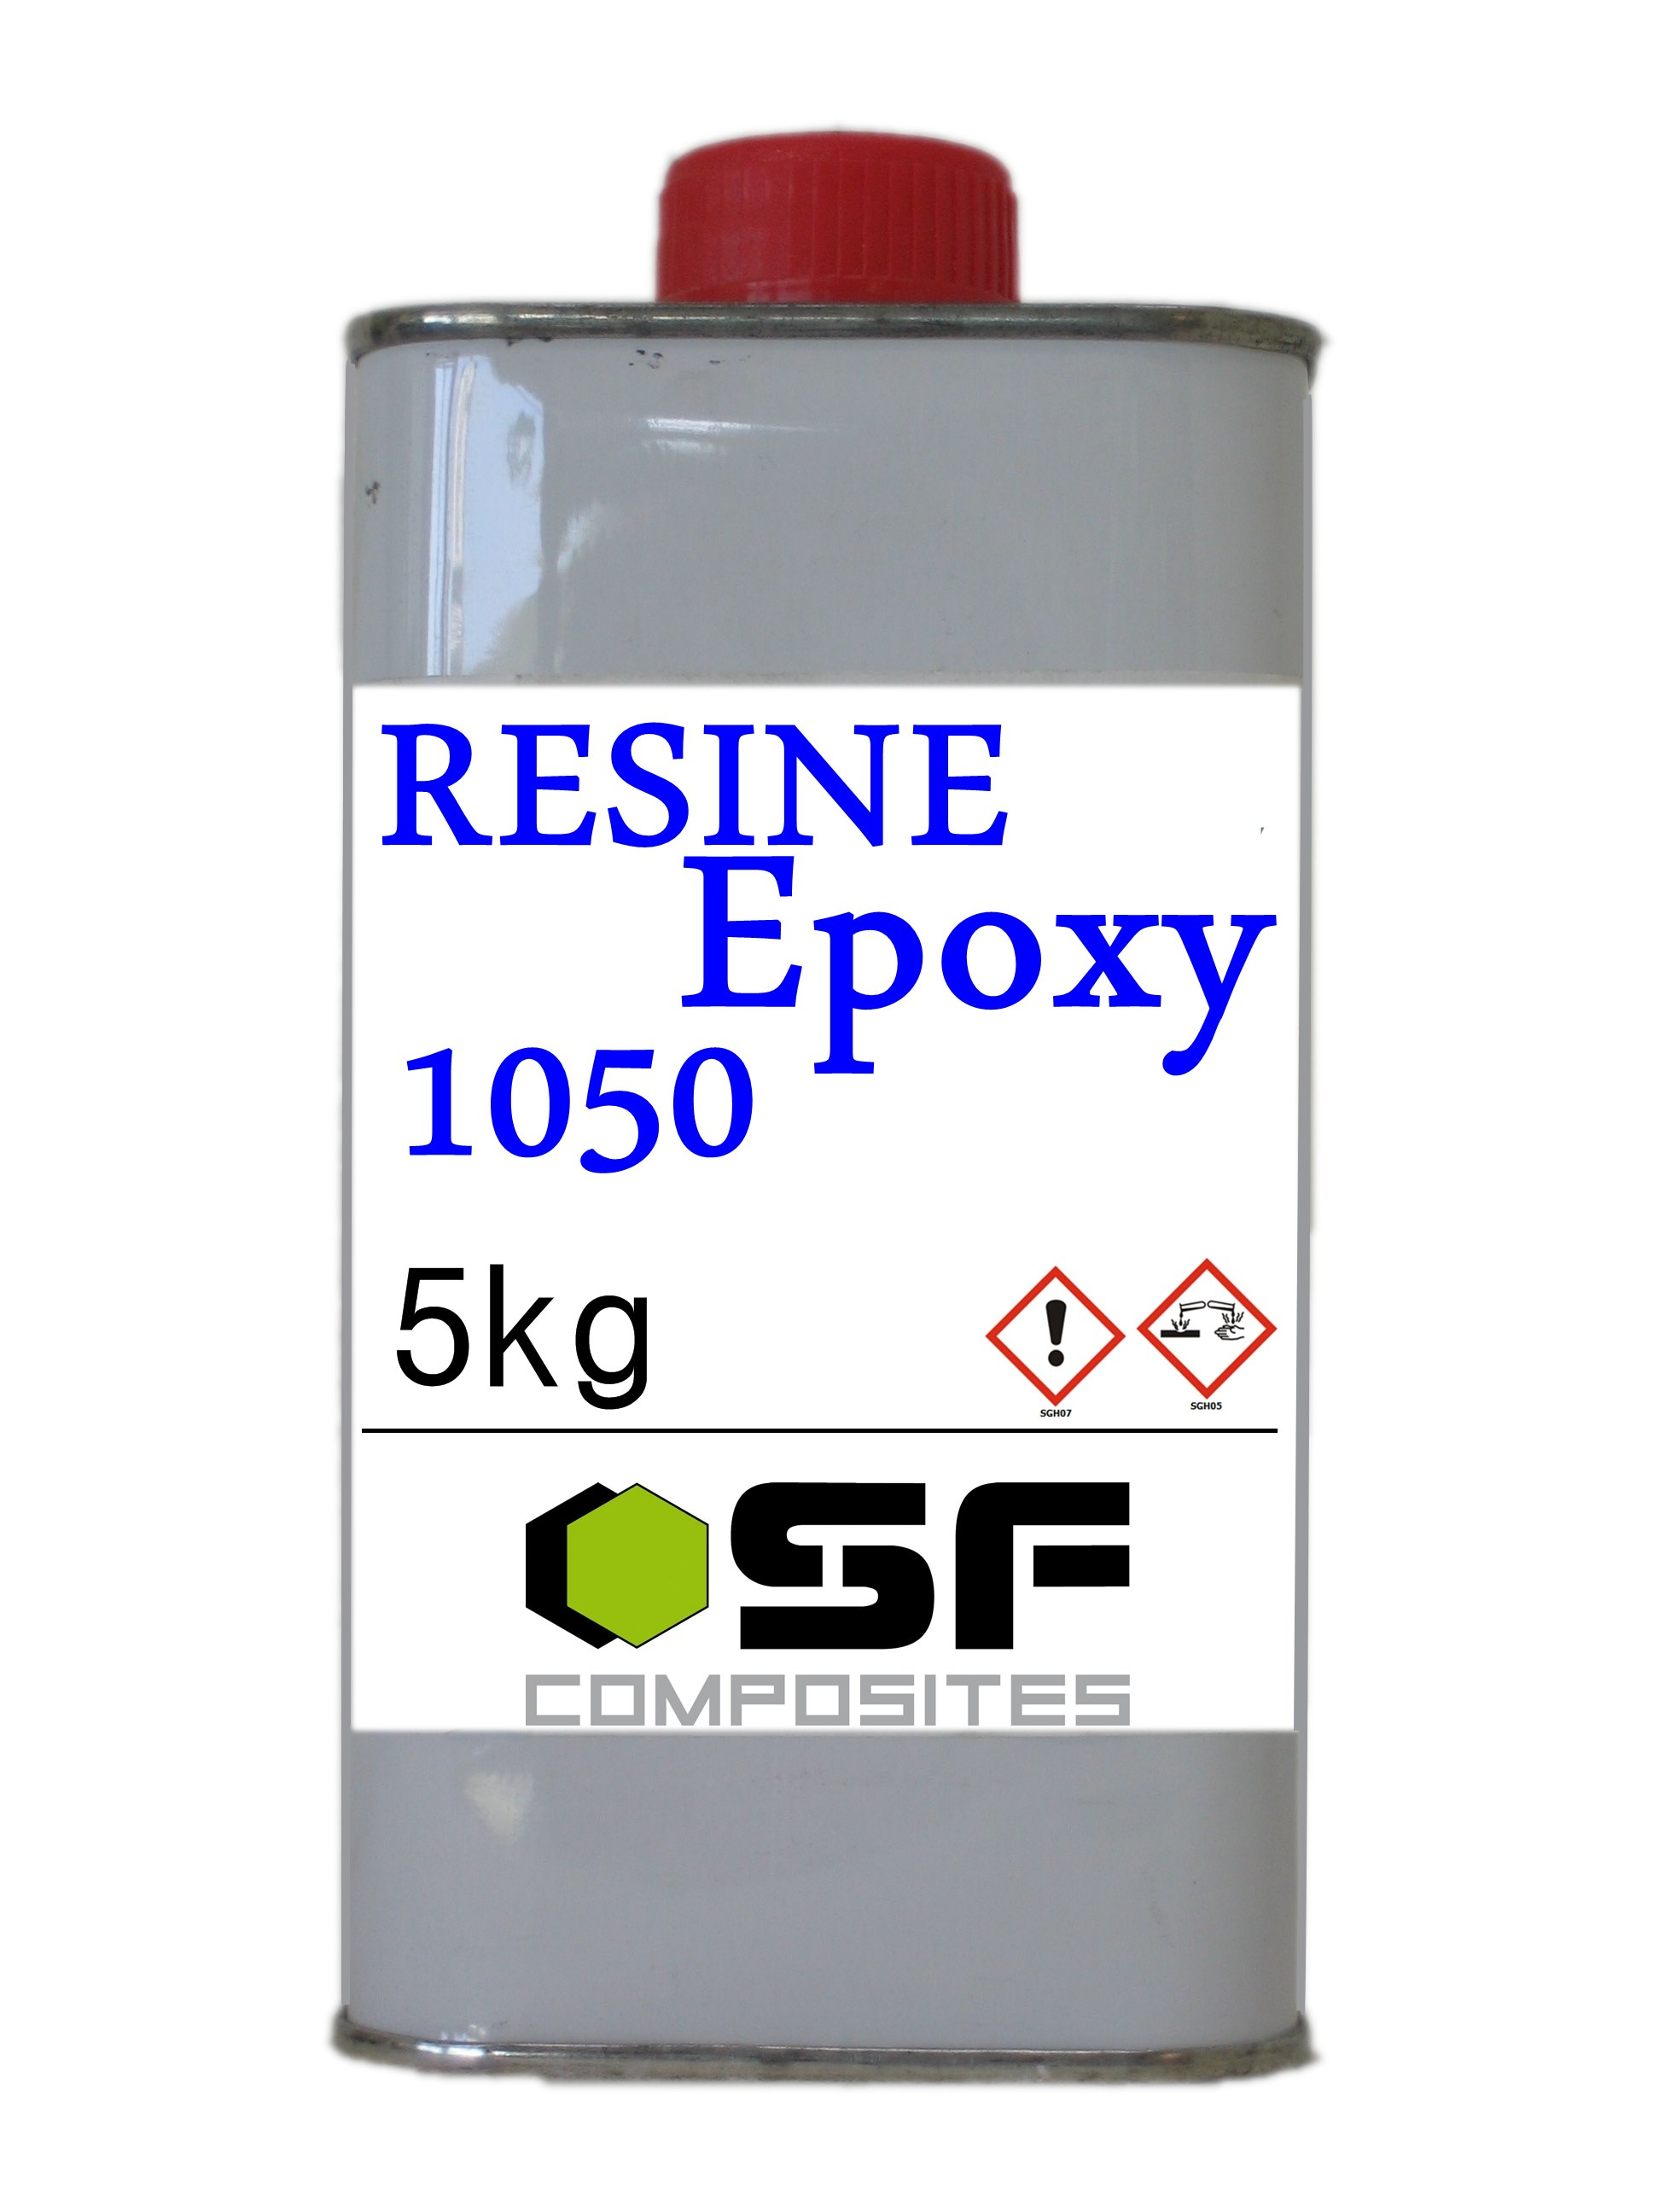 epoxy 1050 en 5kg kg sf composites epoxy 1050 en 5kg kg resine epoxy. Black Bedroom Furniture Sets. Home Design Ideas